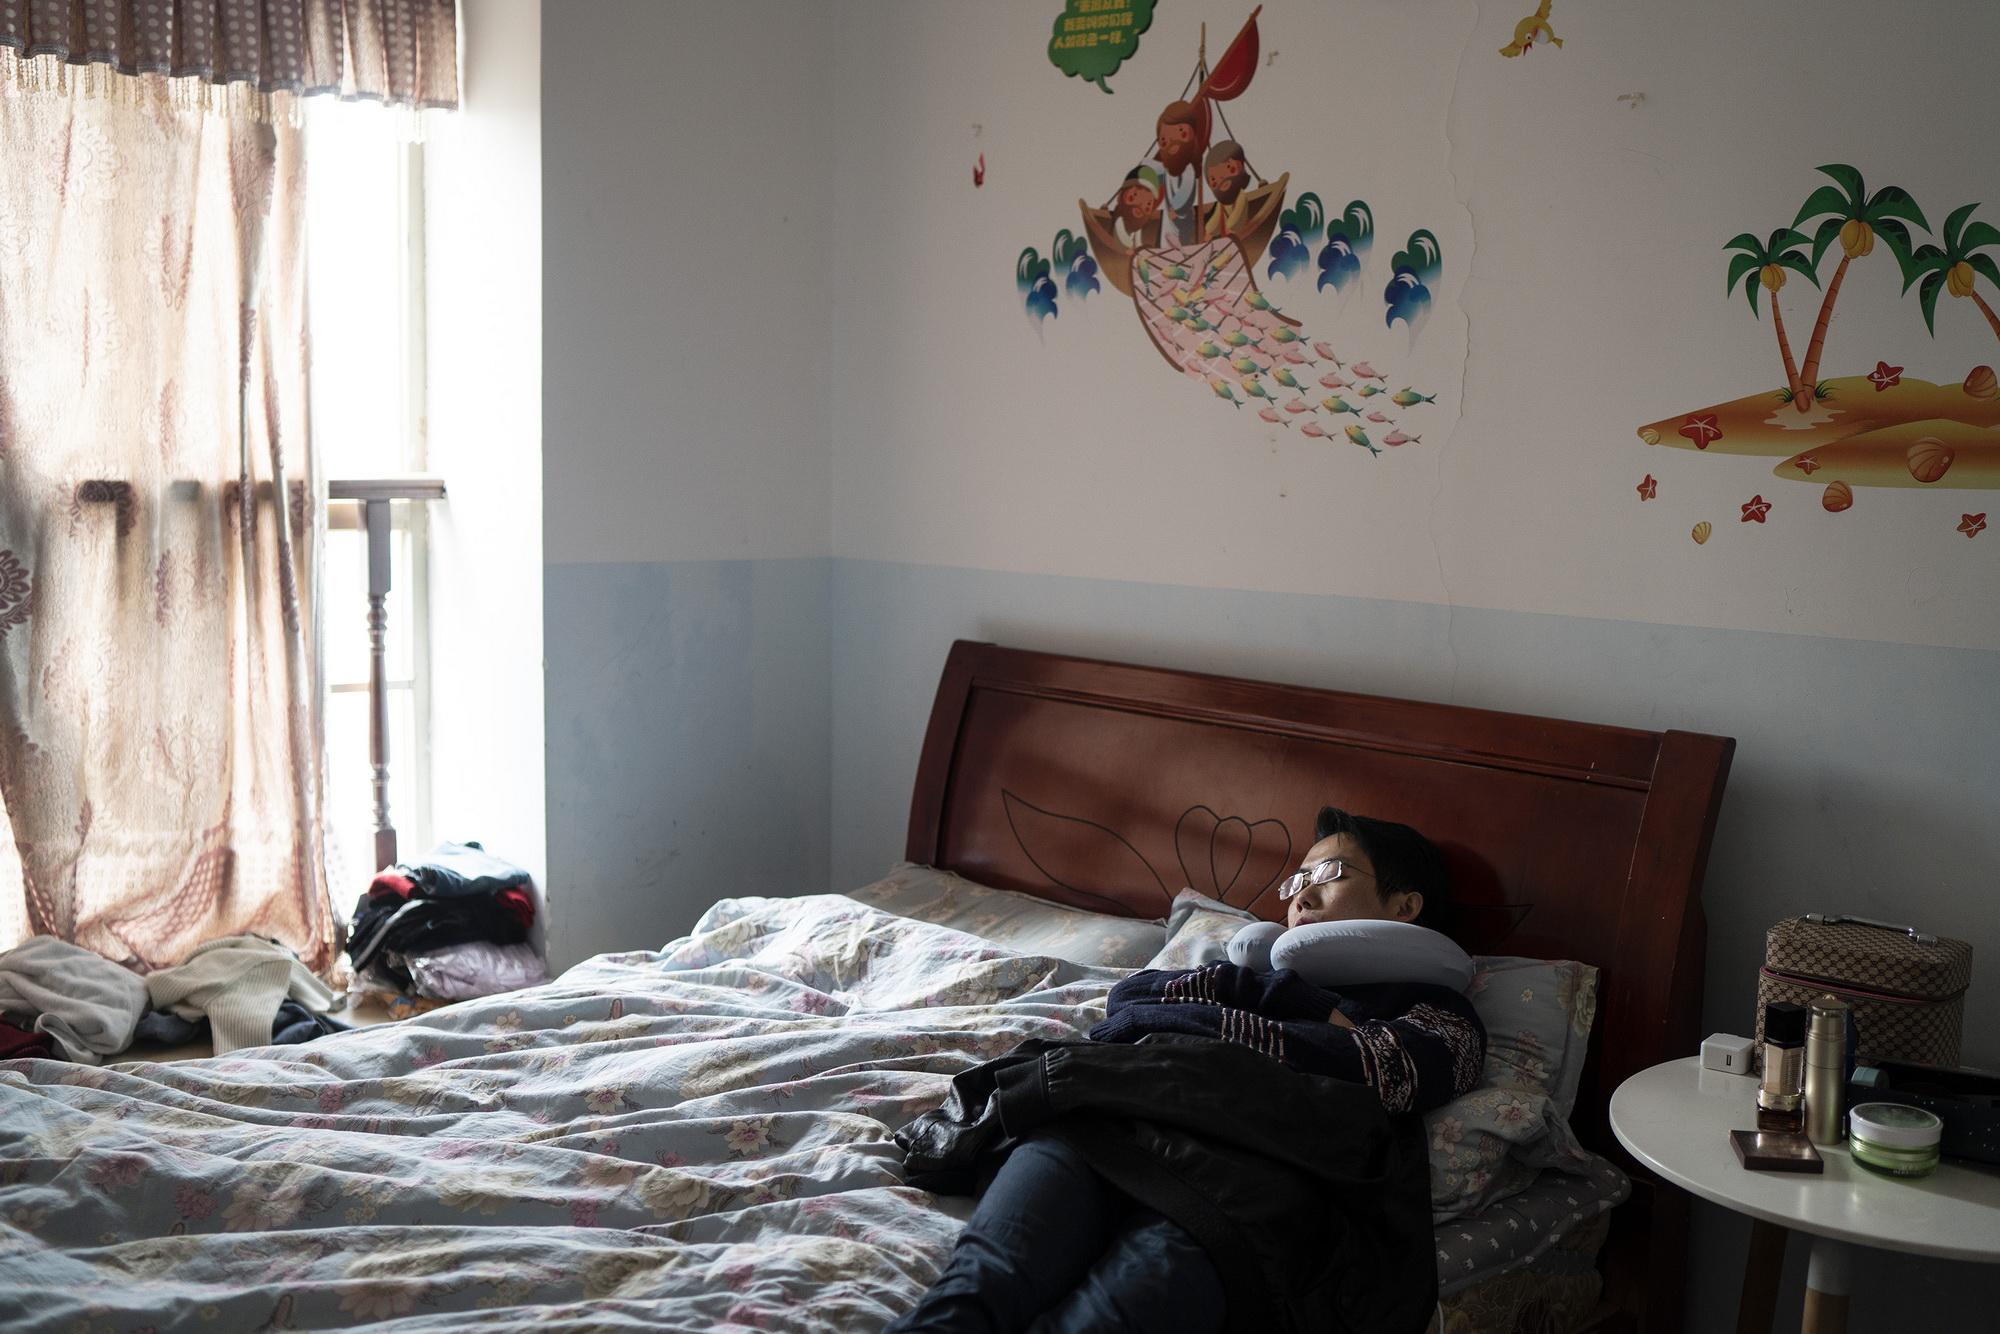 2020年2月20日,正在休息的王体能。每晚凌晨三四点才入睡,王体能白天见缝插针地补觉。